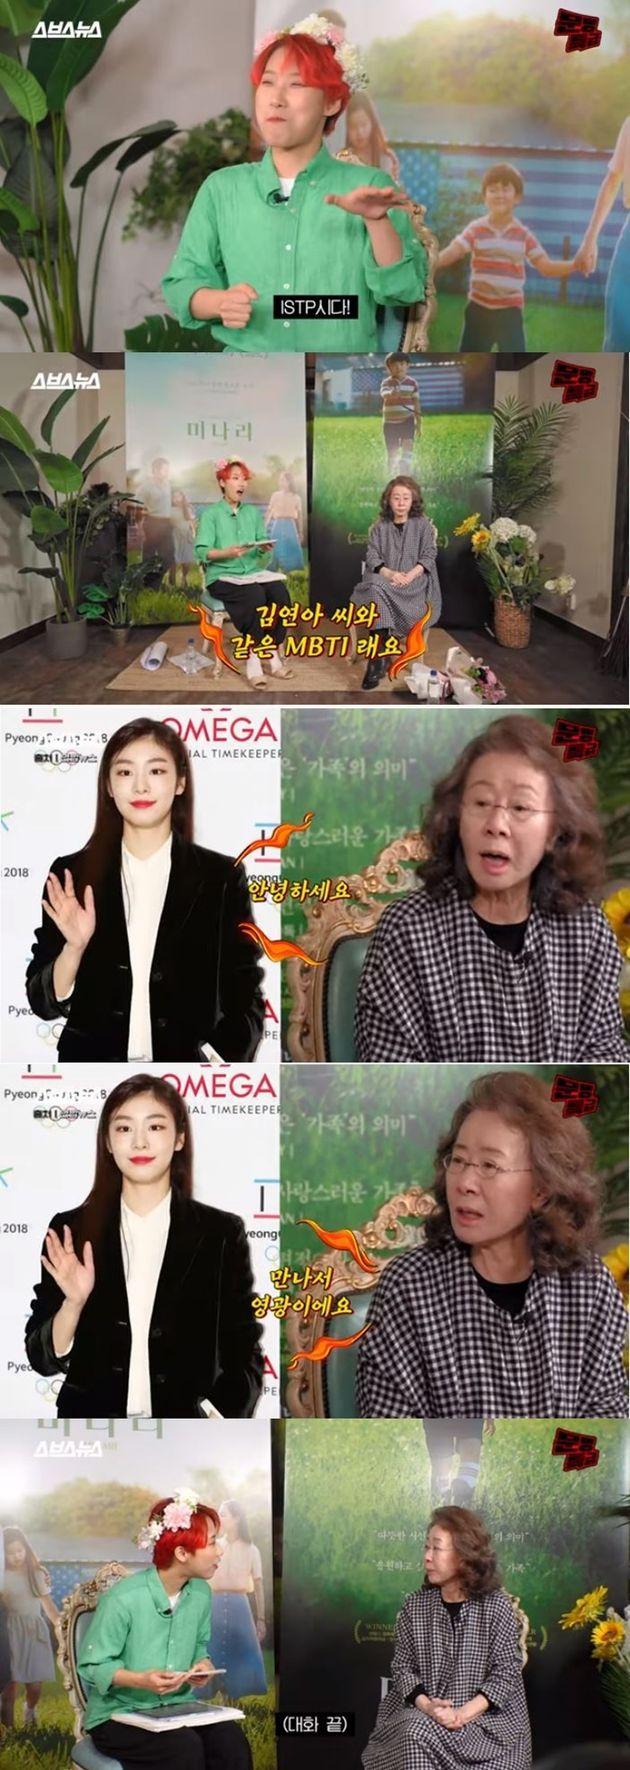 SBS '문명특급' 윤여정 재재